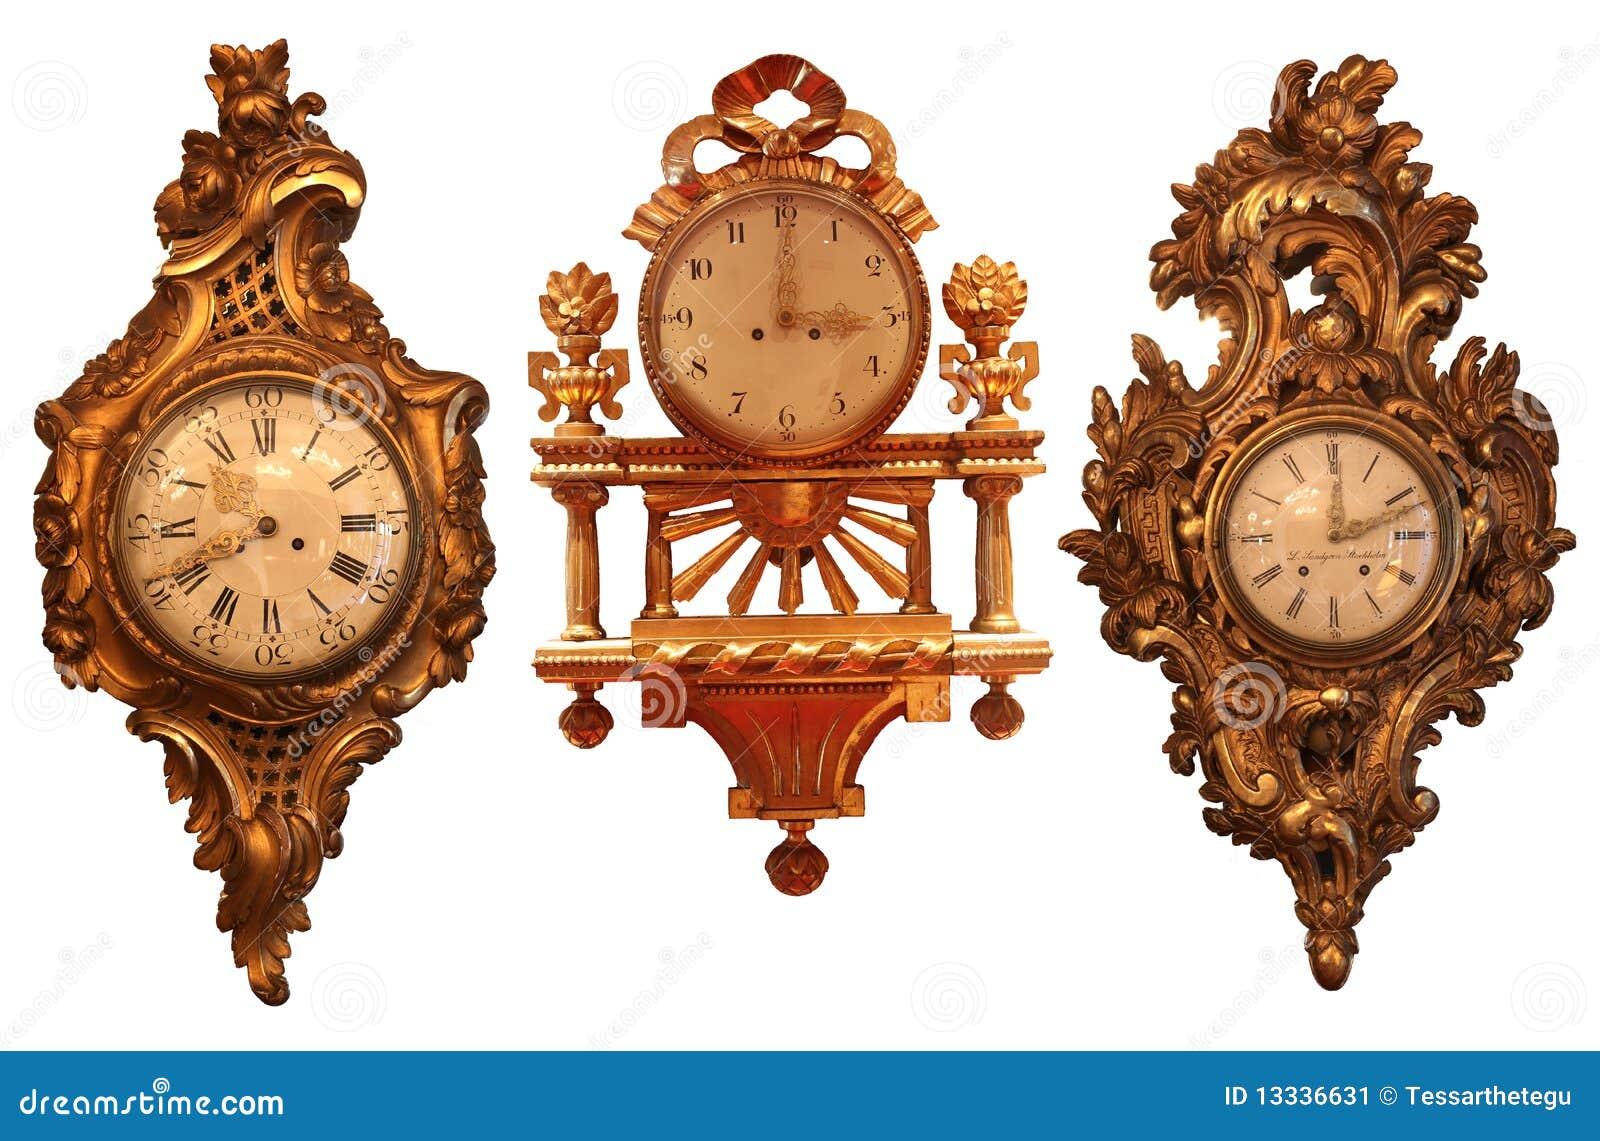 Relojes de pared antiguos con la estructura de madera for Relojes de pared antiguos precios